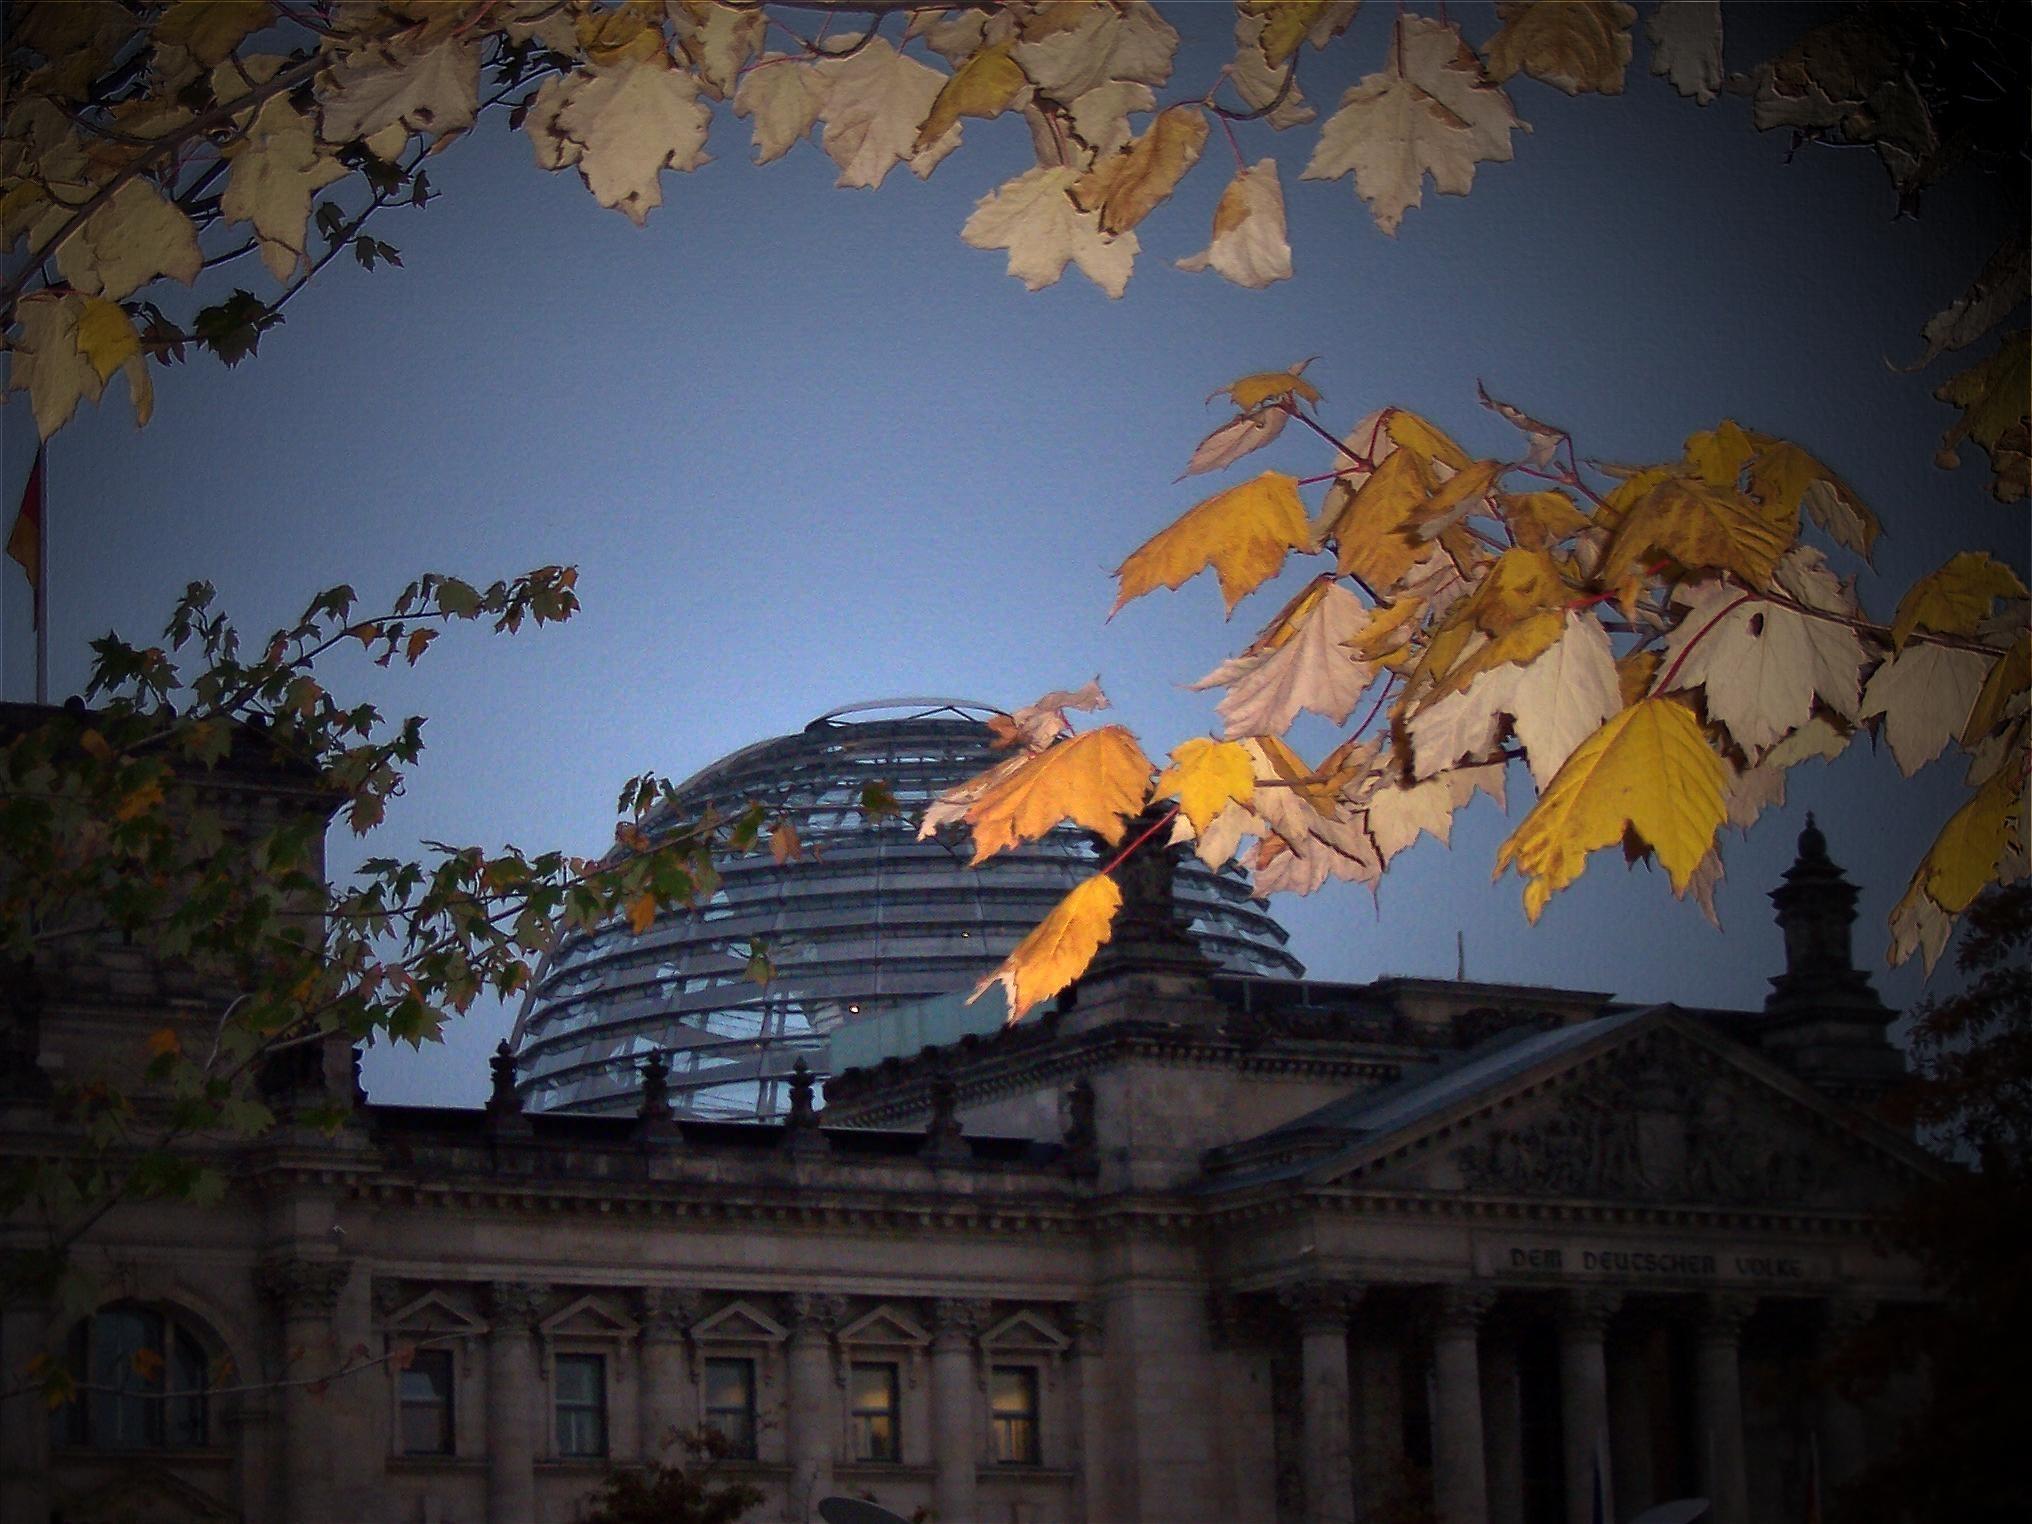 Kostenlose Foto Die Architektur Fenster Glas Gebäude: Kostenlose Foto : Baum, Die Architektur, Himmel, Blatt